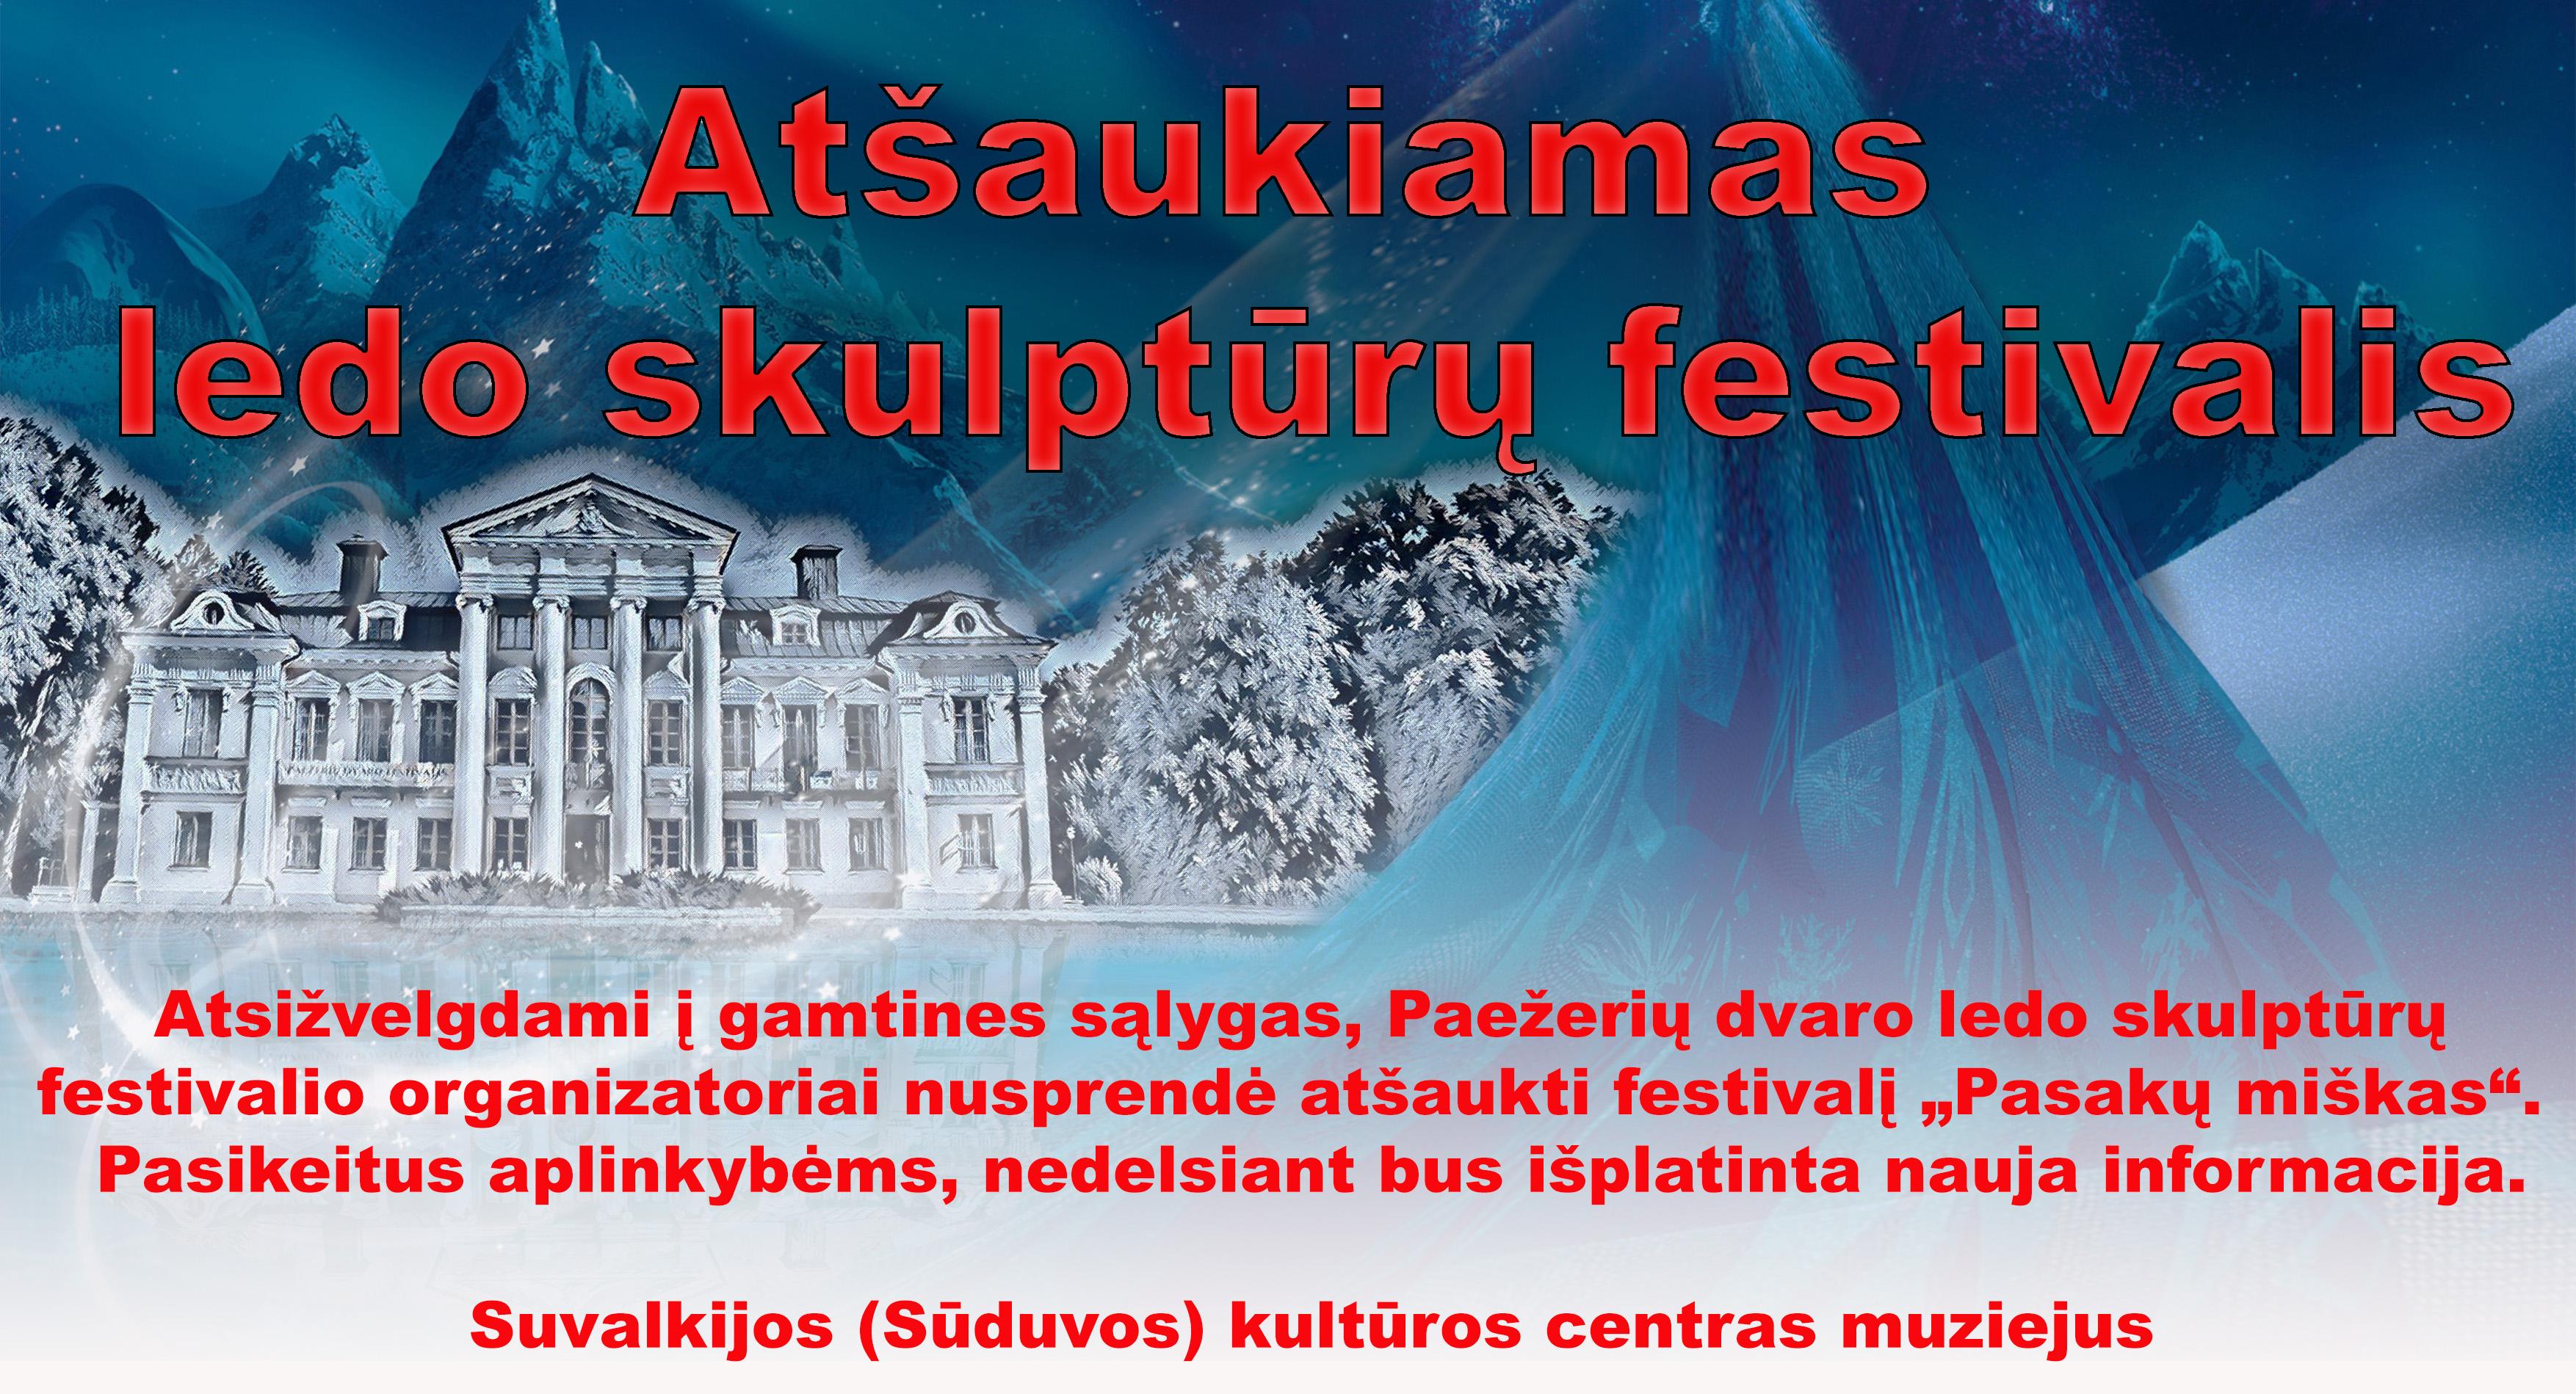 Atšaukiamas festivalis